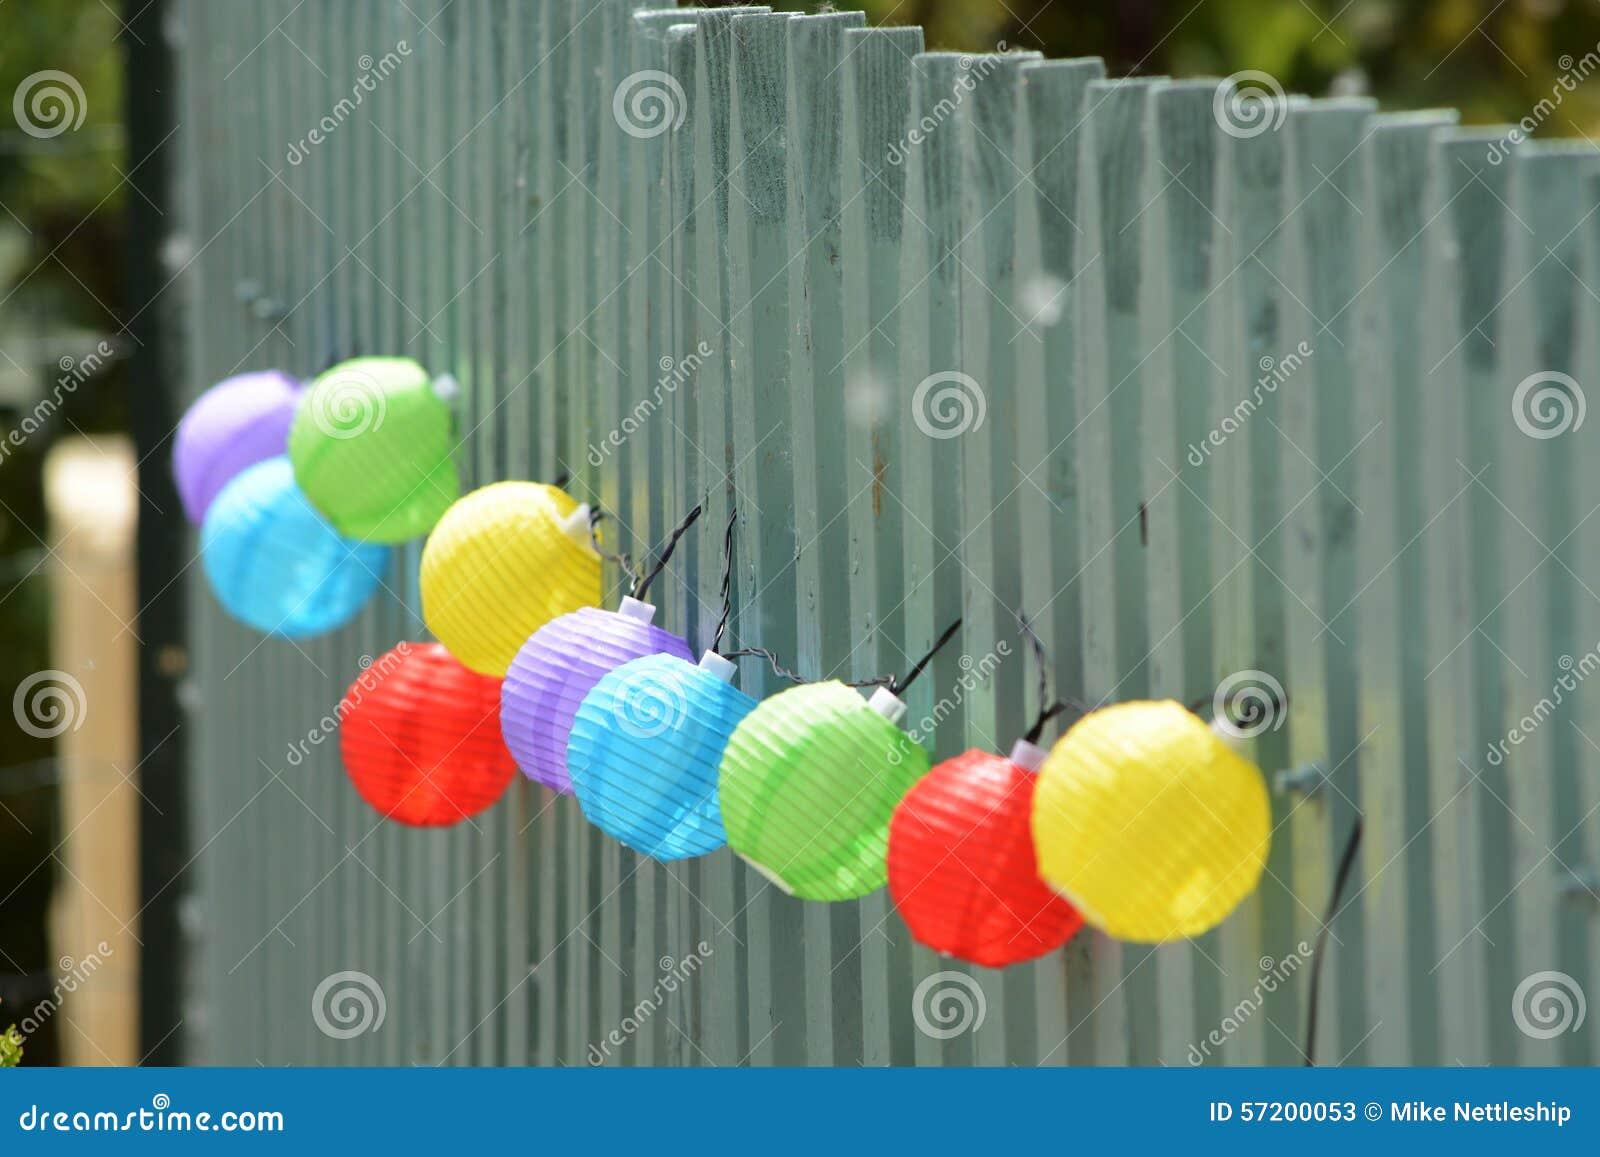 Decorative Coloured Glass Balls